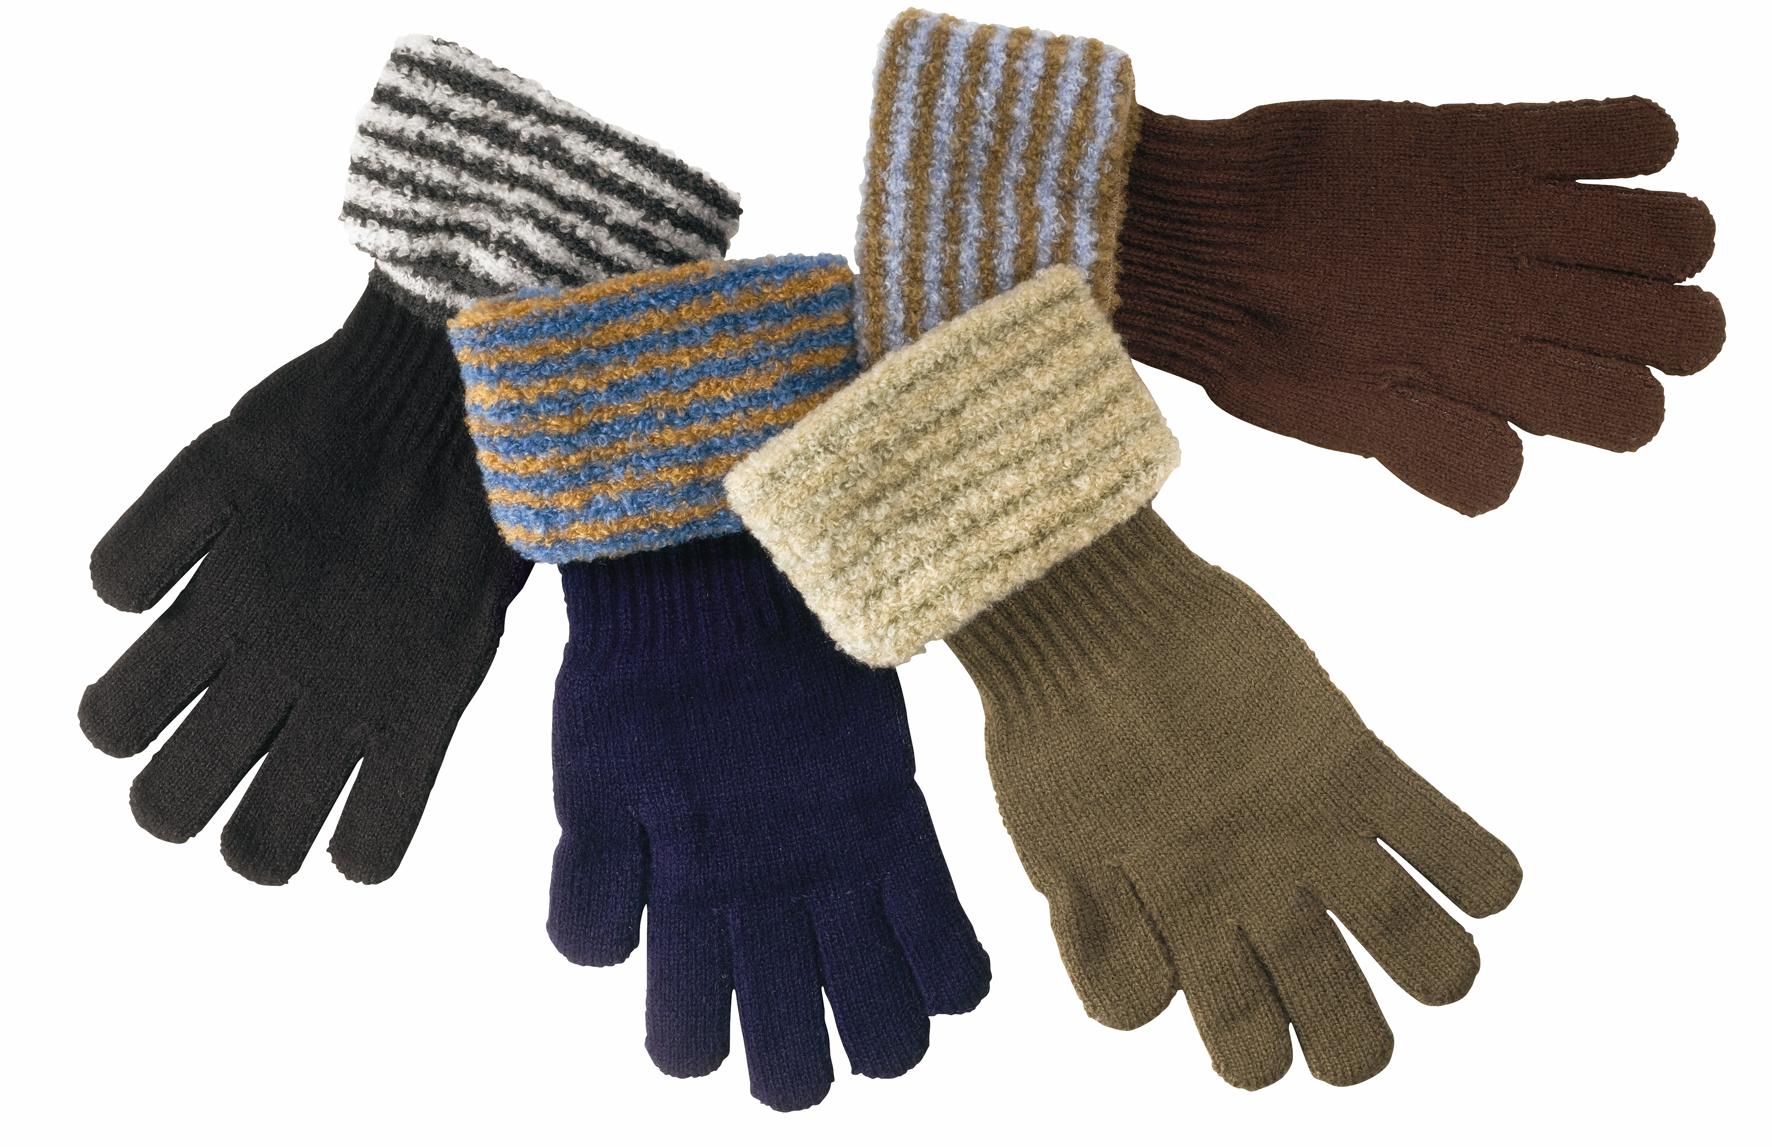 rukavice prodloužené - čokoládově hnědé